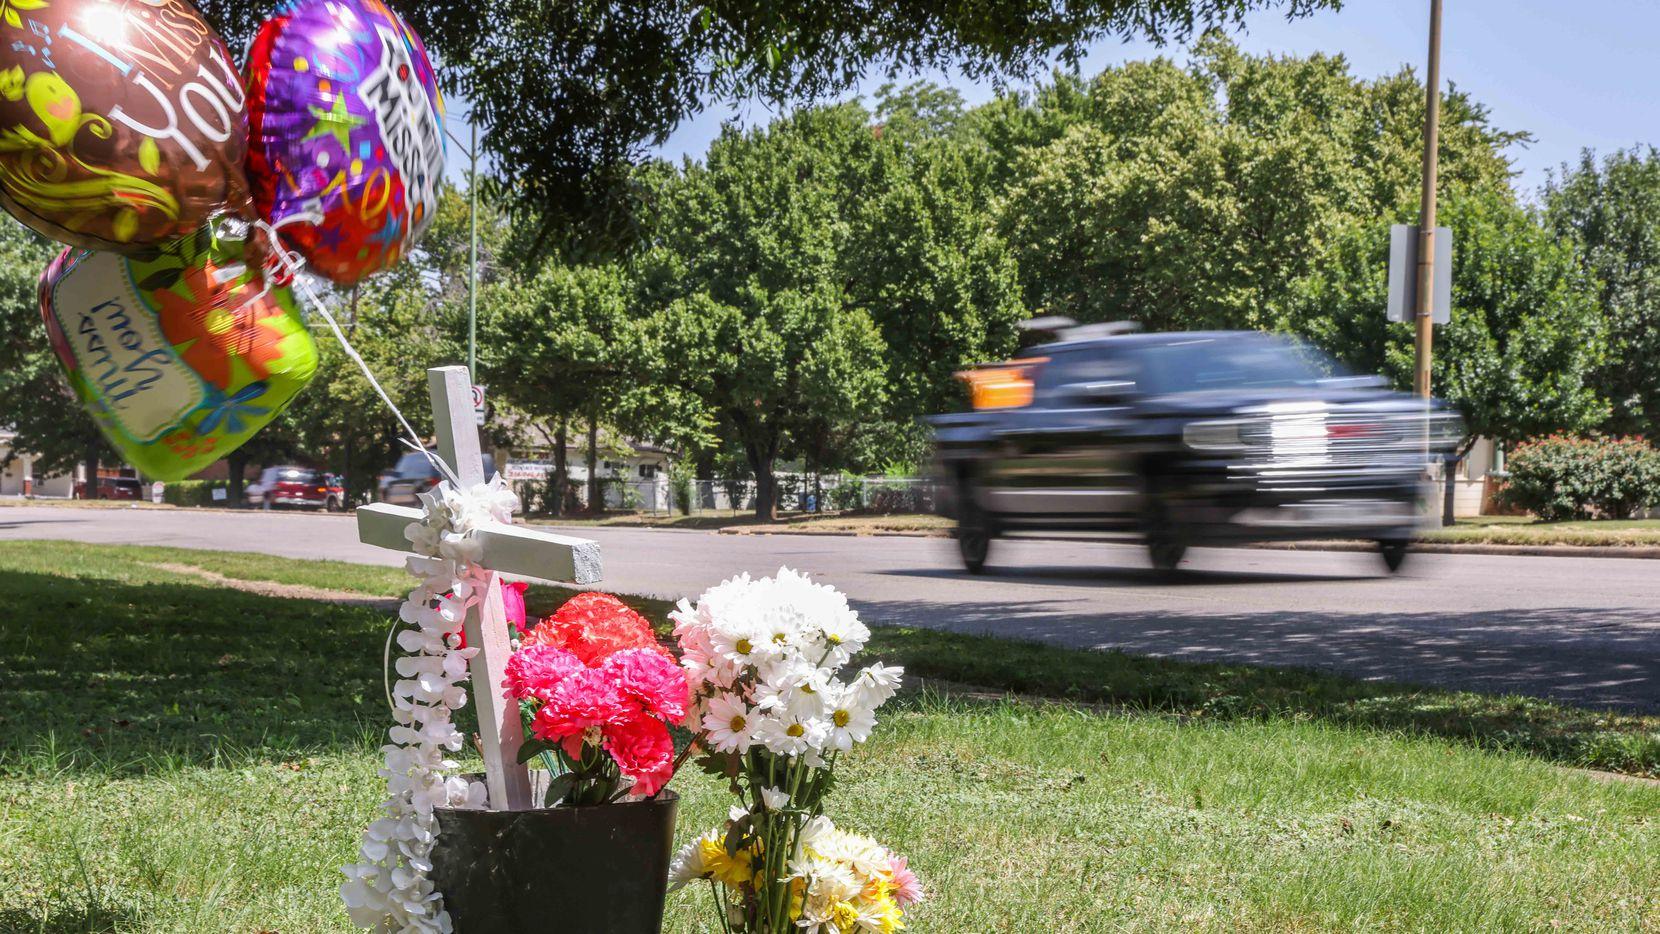 Unas flores y globos recuerda a Armando Leila Esparza, un jardinero que fue atropellada mientras cortaba el césped en Oak Cliff. El conductor responsable fue apresado.